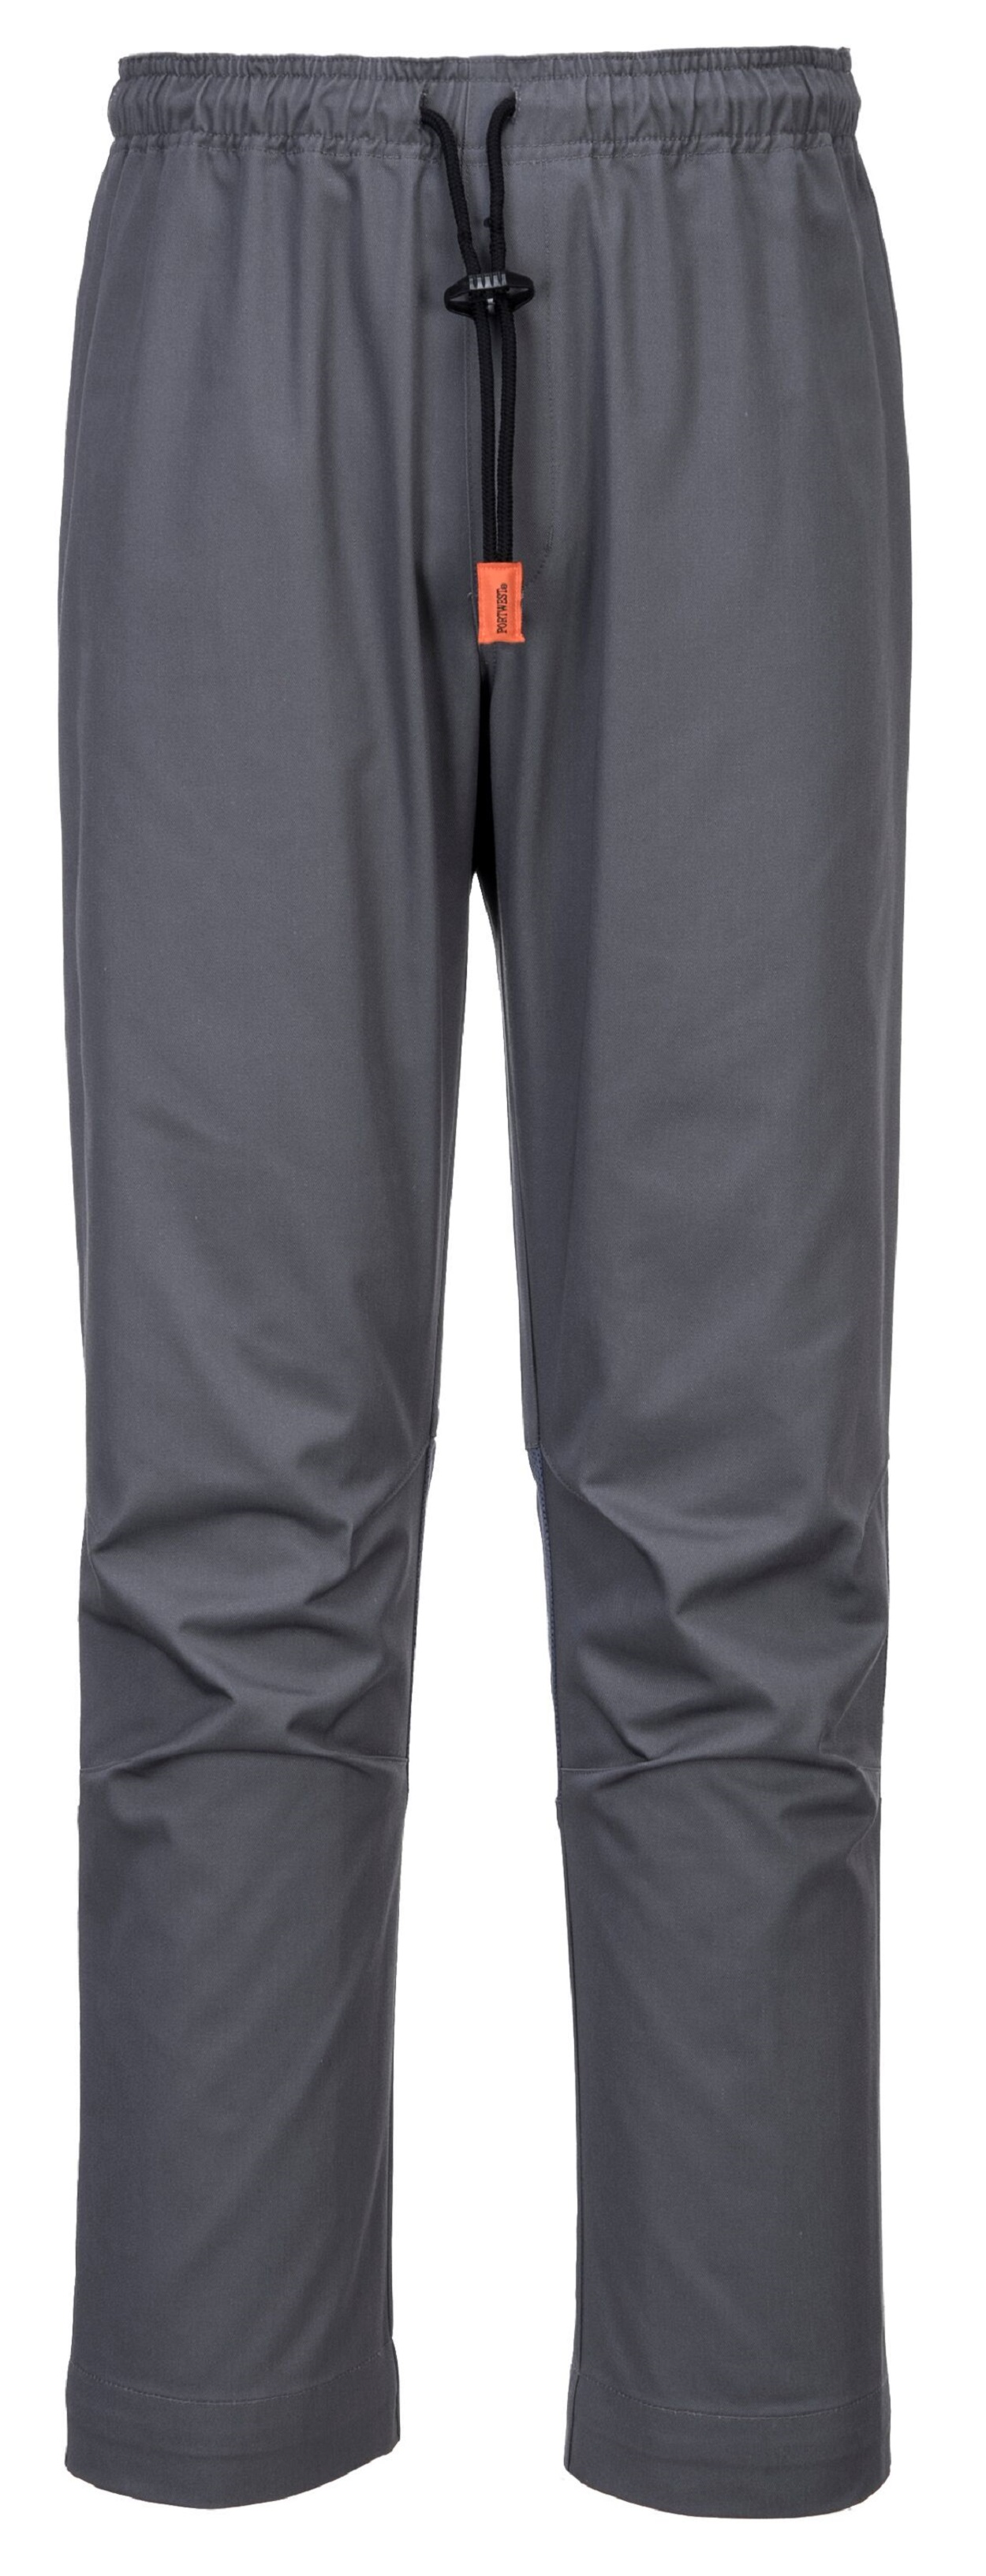 C073-grey